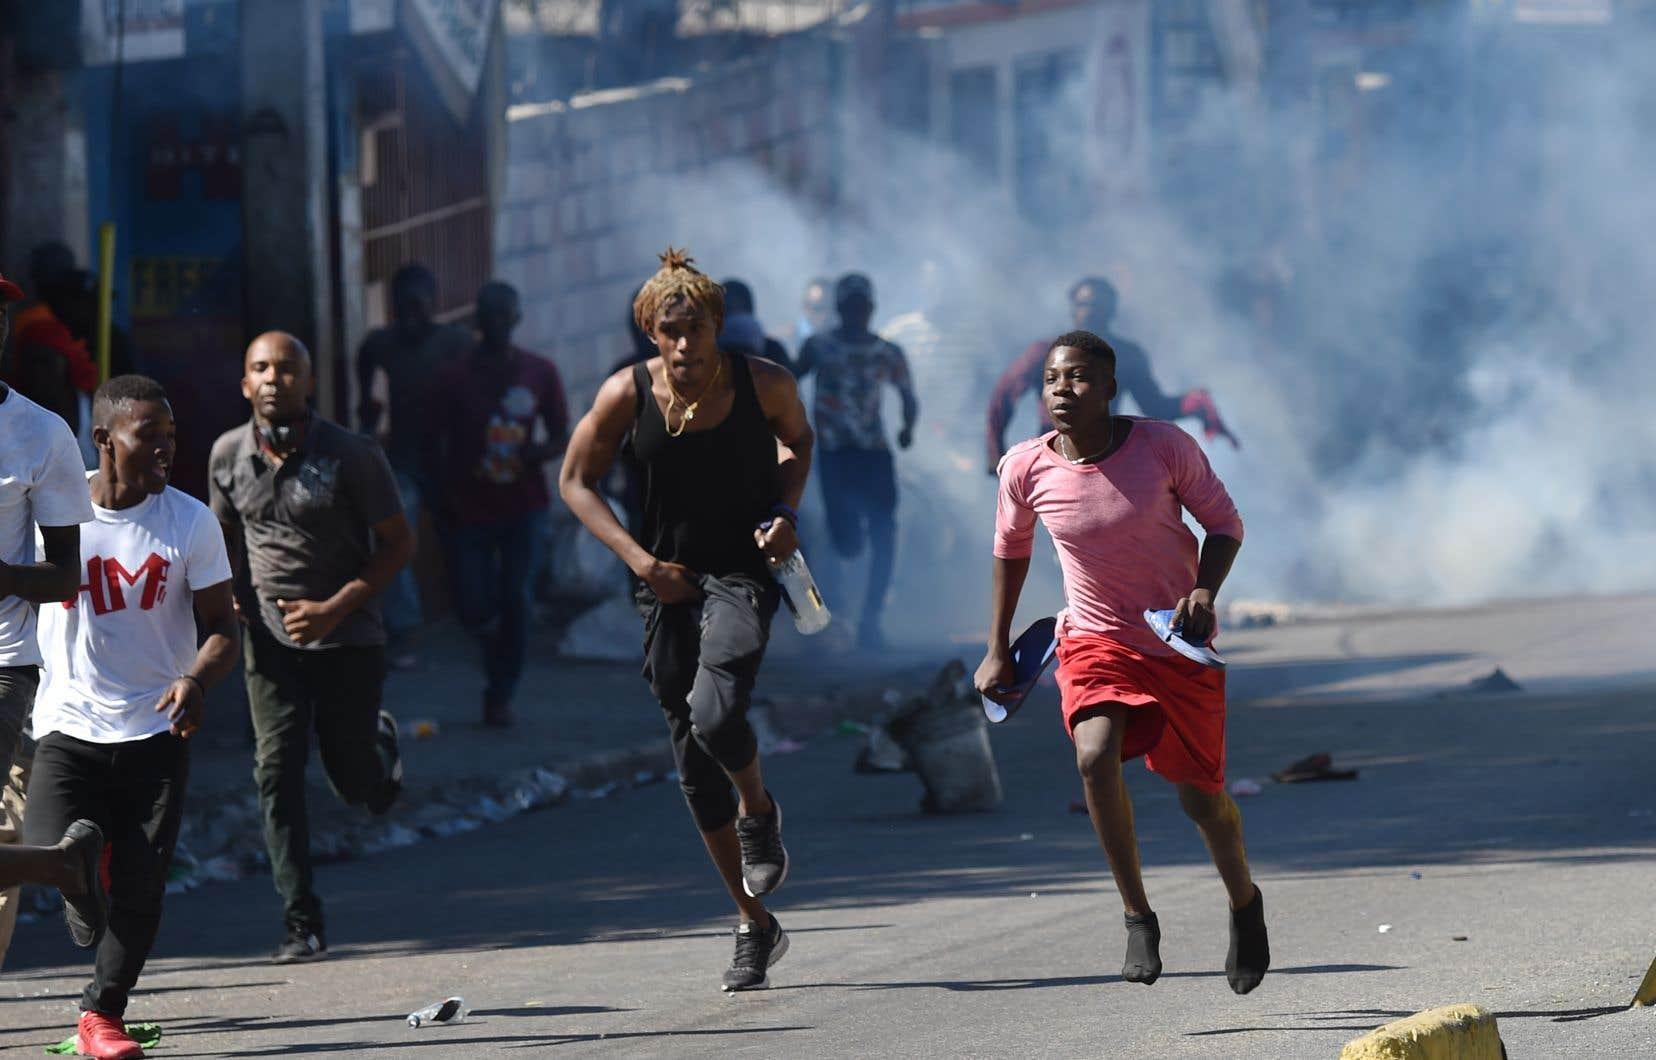 Depuis la large mobilisation nationale de l'opposition le 7février, marquant les deux ans du mandat présidentiel de Jovenel Moïse, des manifestations spontanées de plus faible ampleur ont gagné les principaux centres urbains du pays.